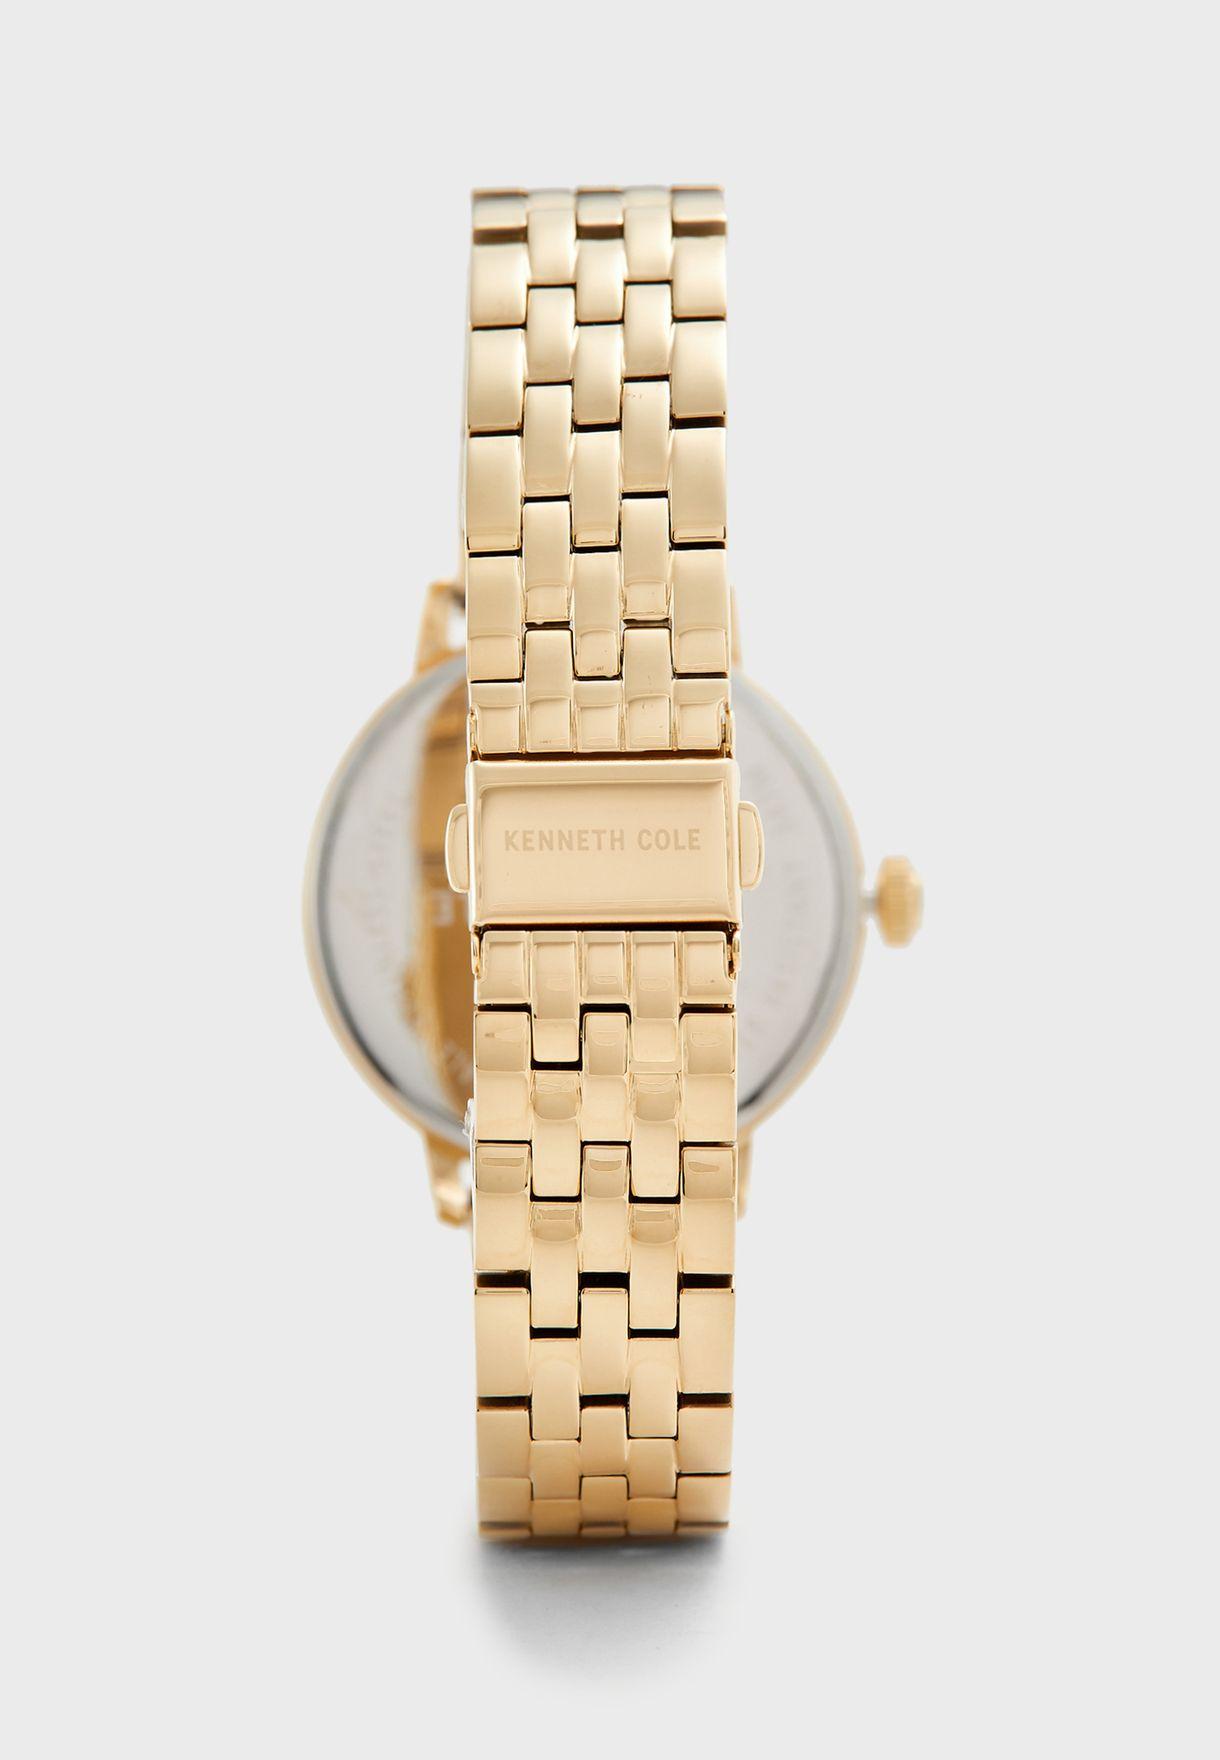 ساعة بمؤشرات رومانية